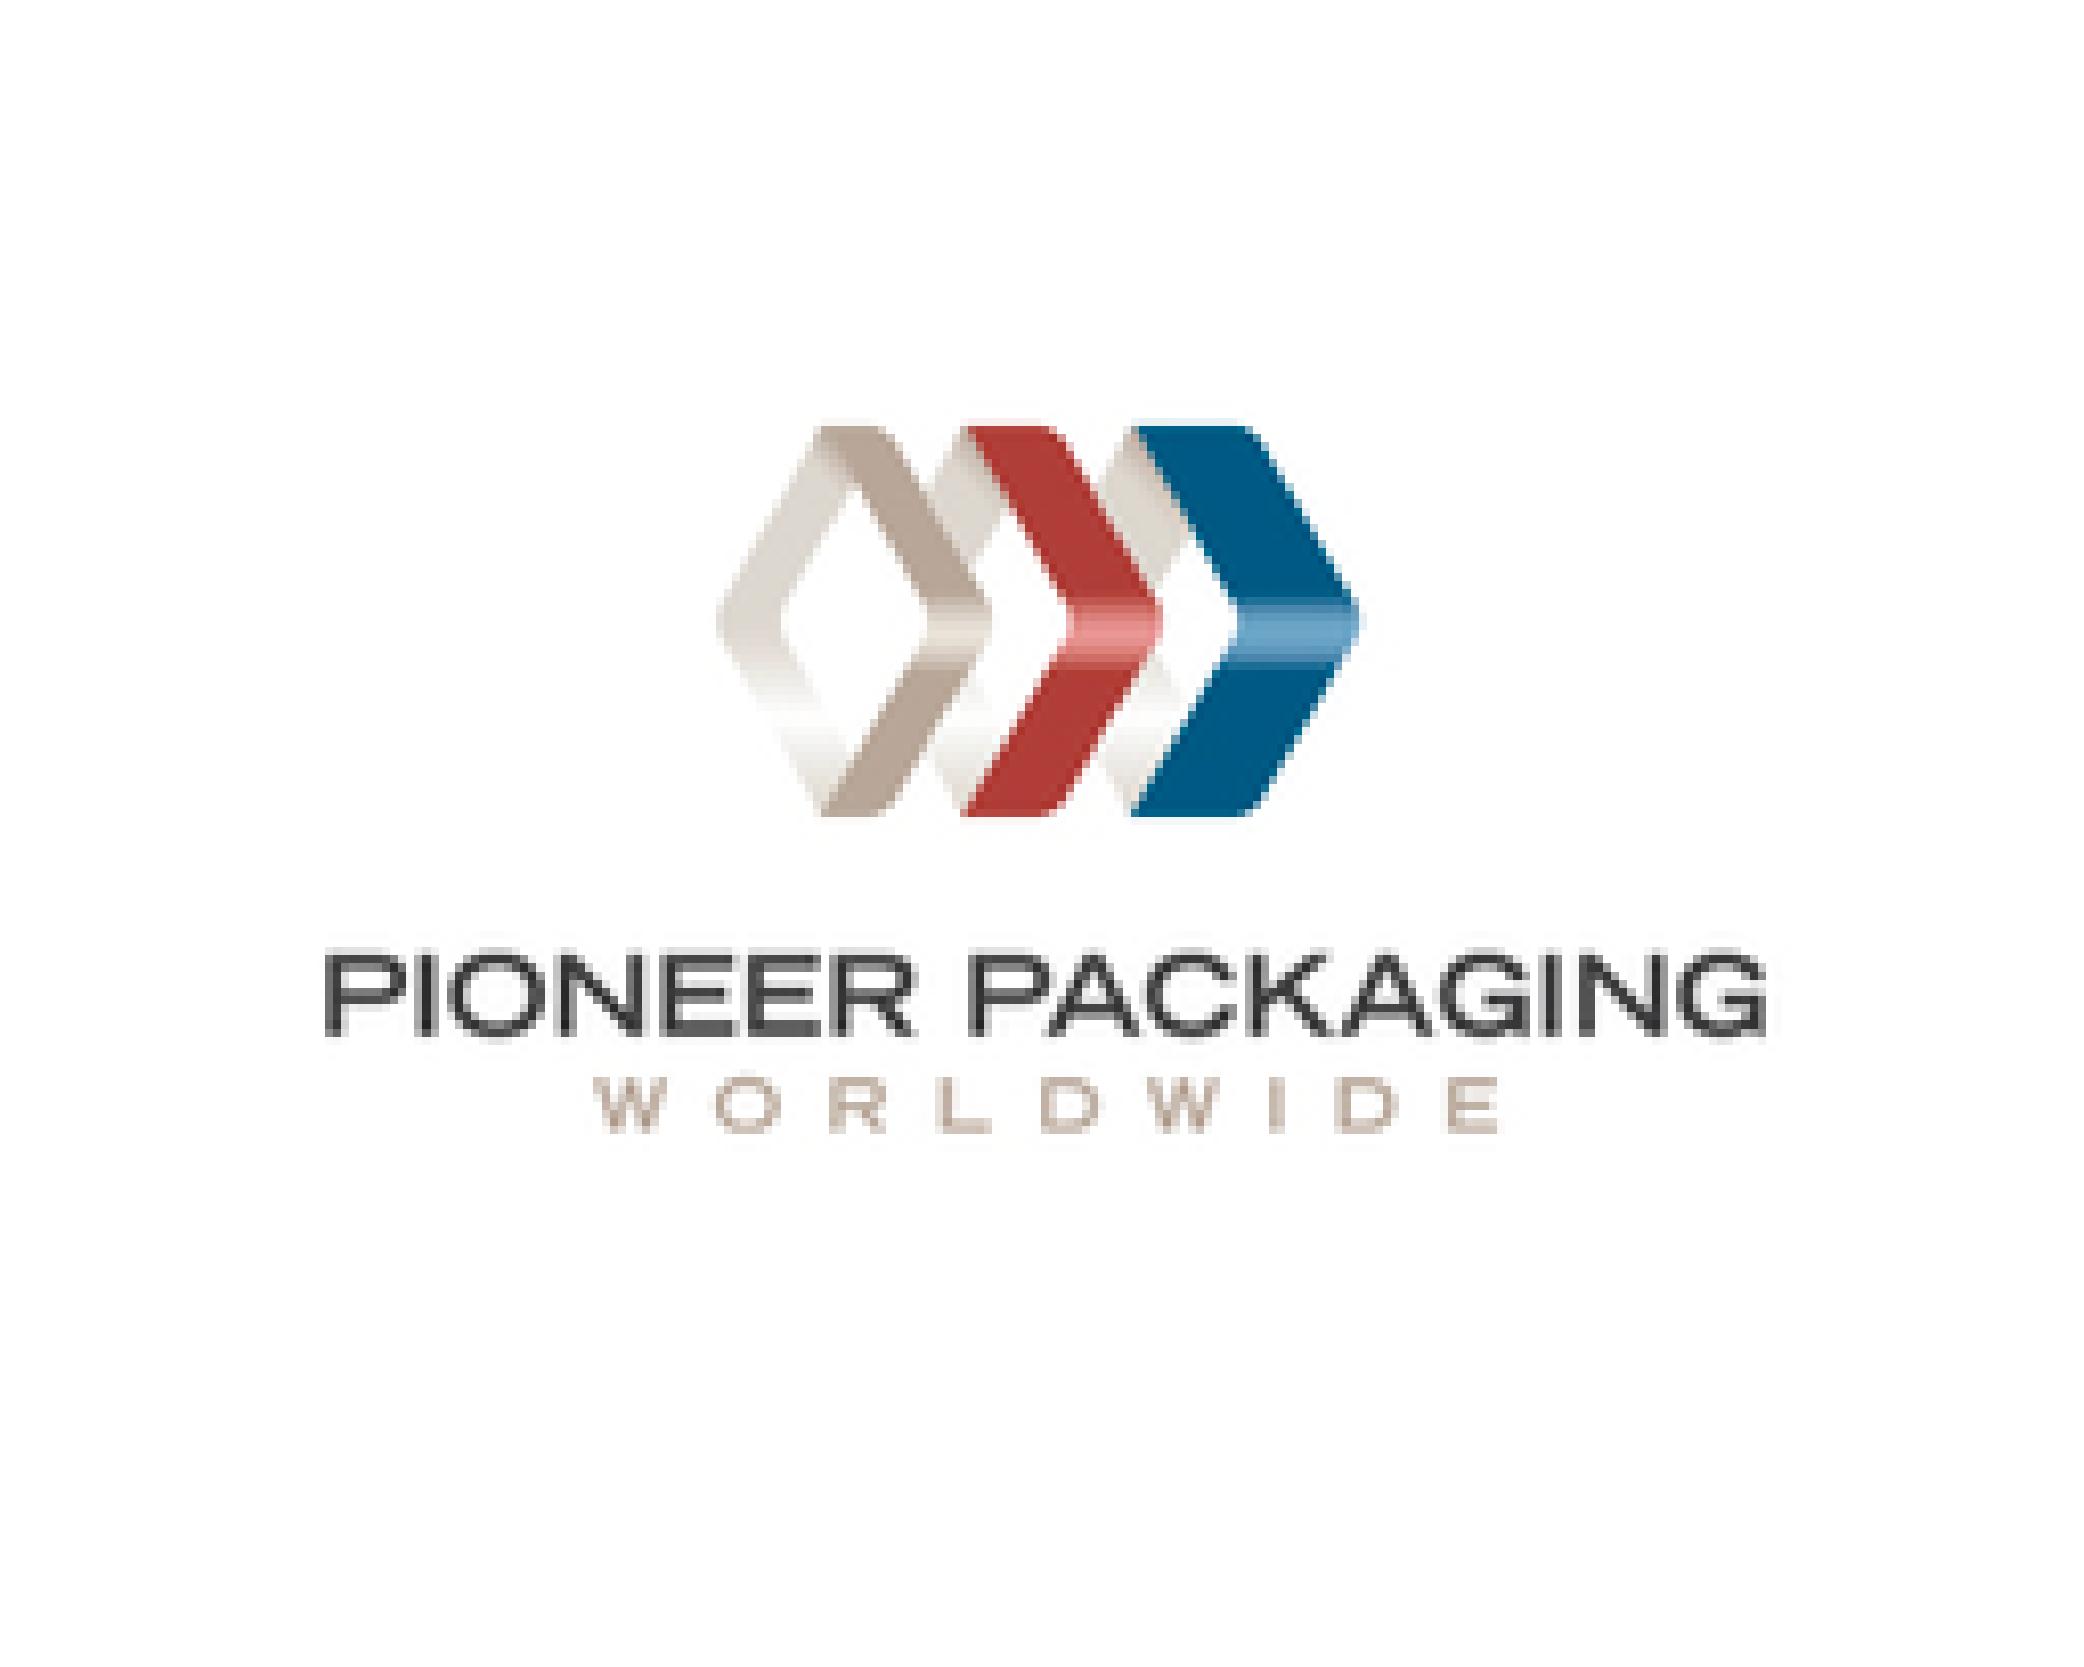 pda-logos1-19